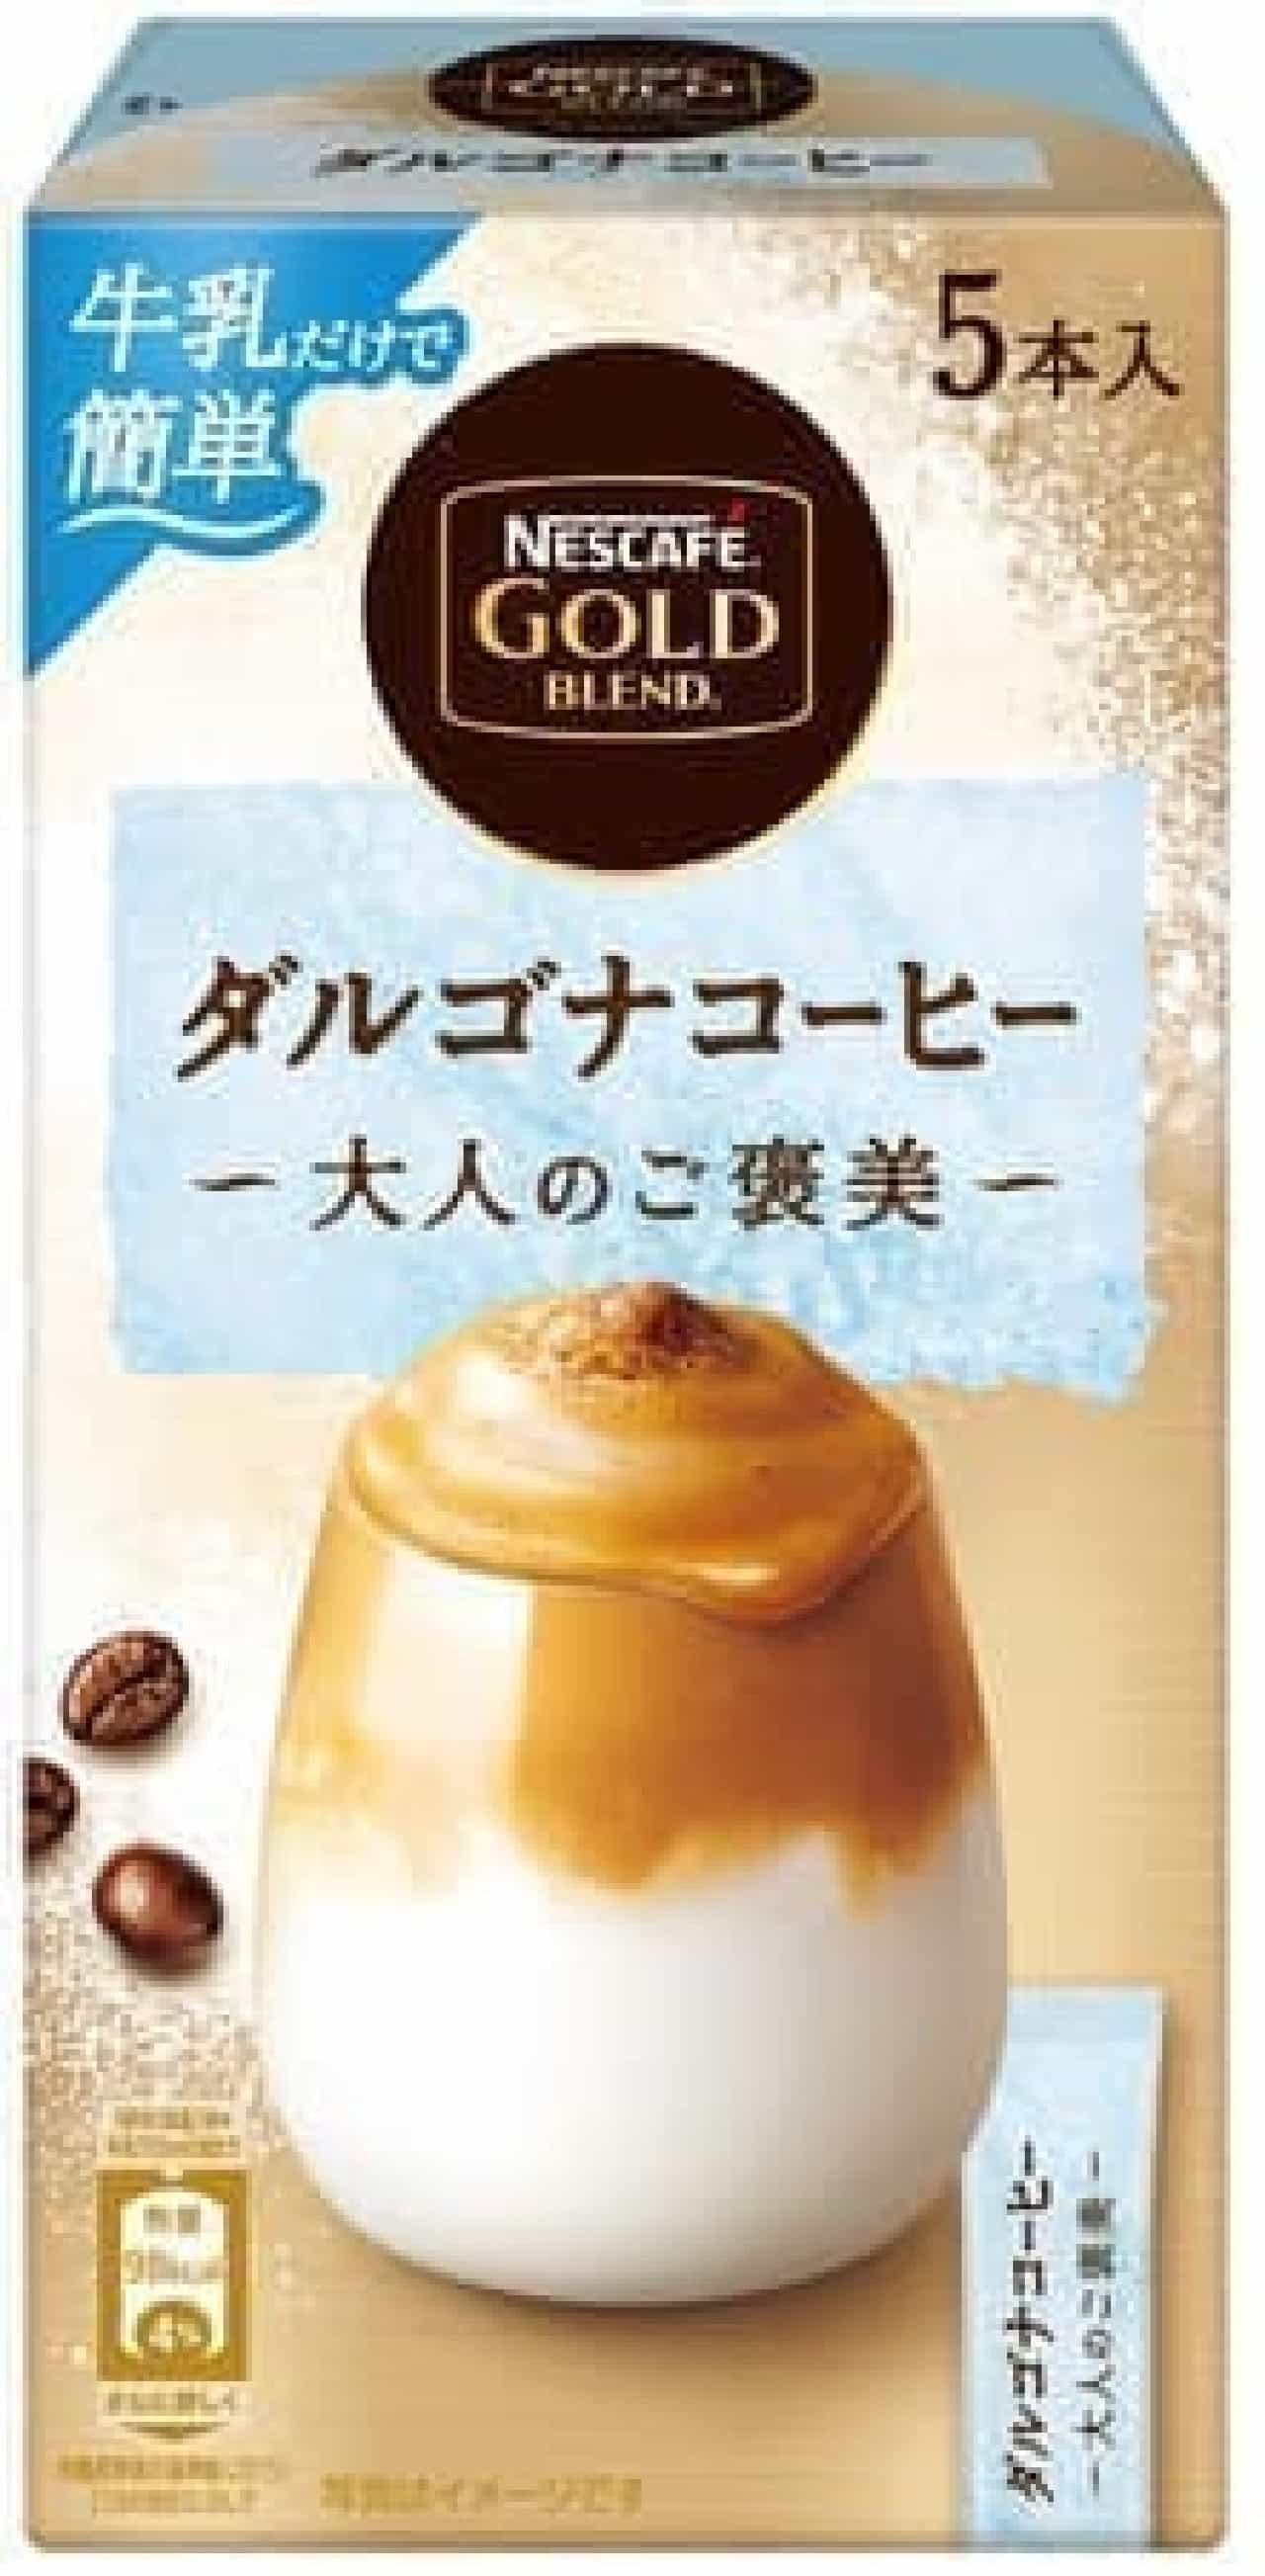 ネスカフェ ゴールドブレンド 大人のご褒美 ダルゴナコーヒー